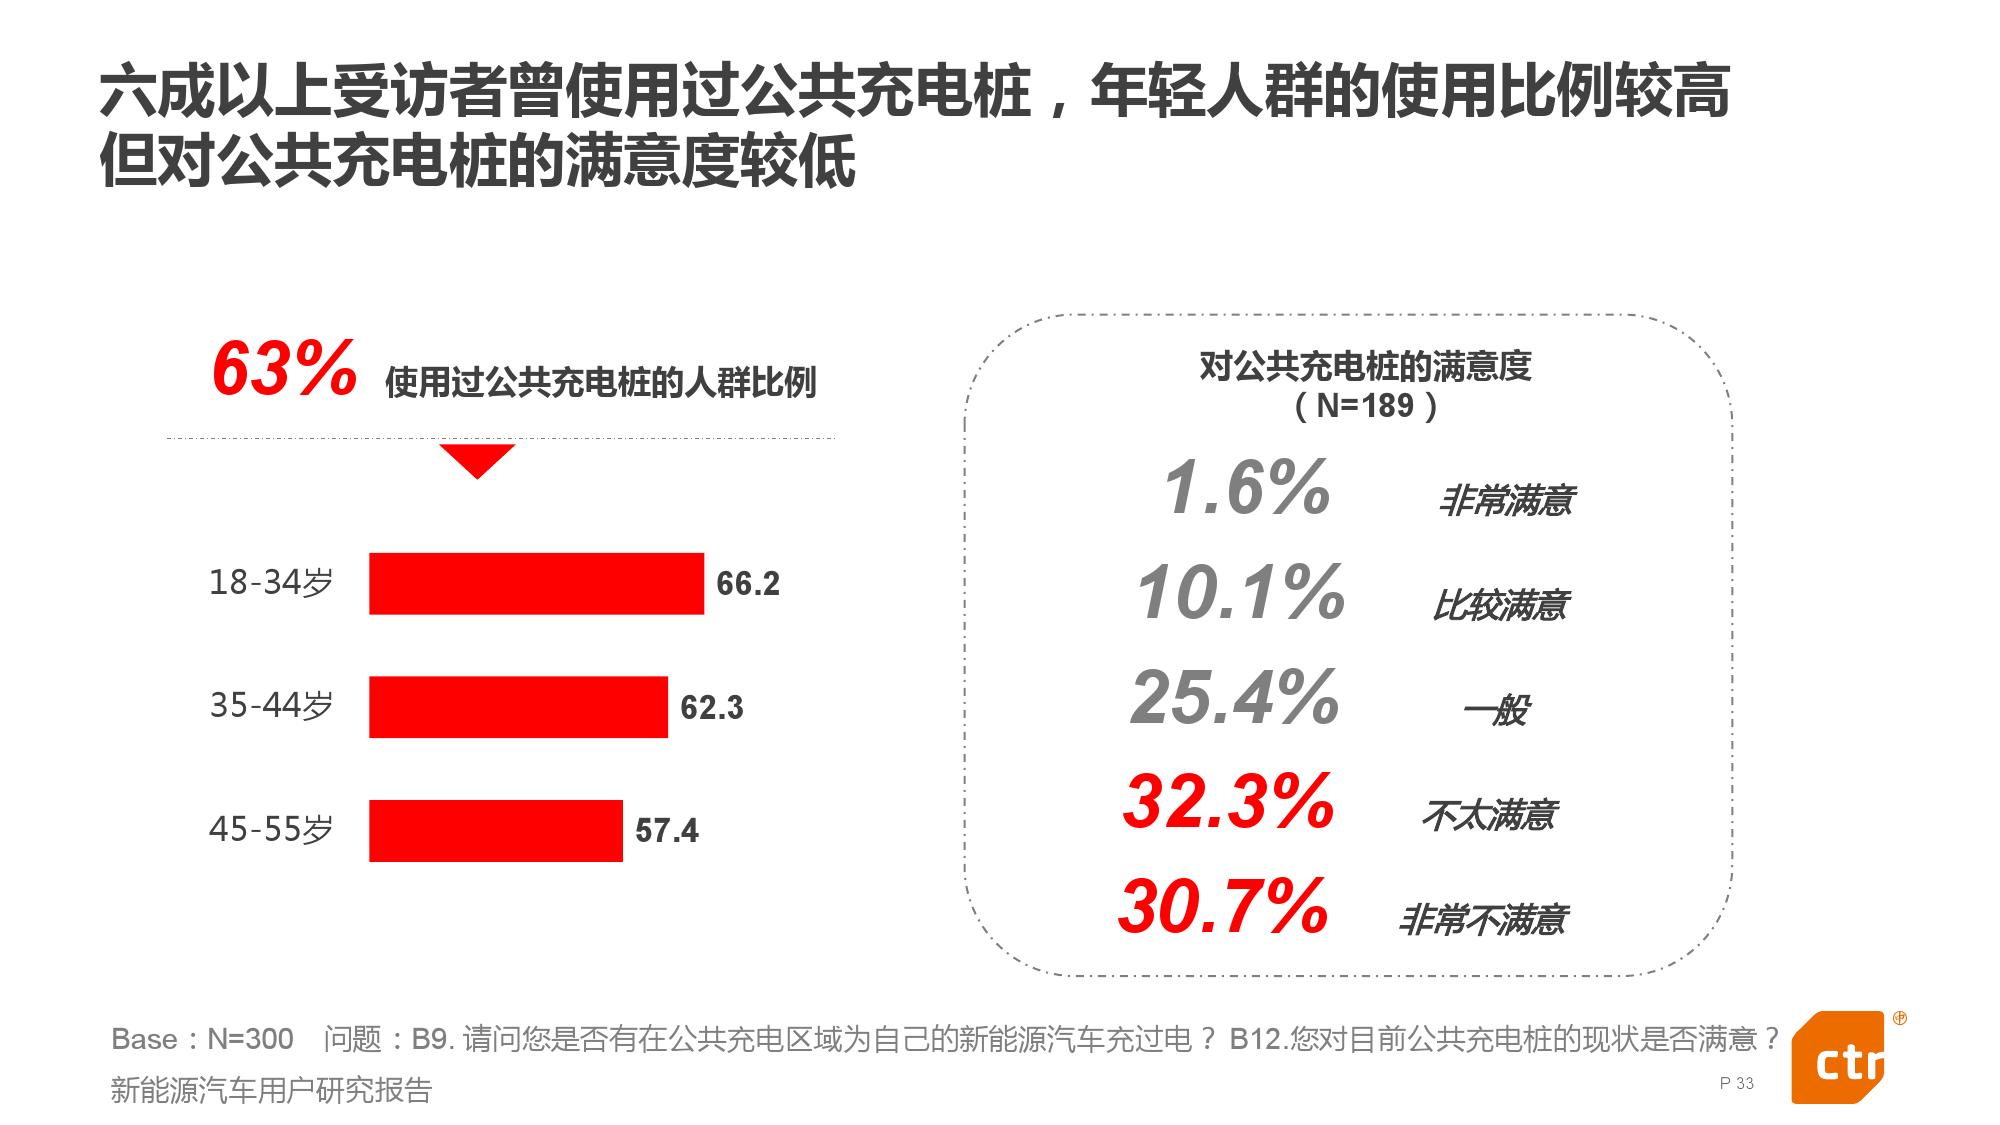 新能源汽车用户研究报告_000033